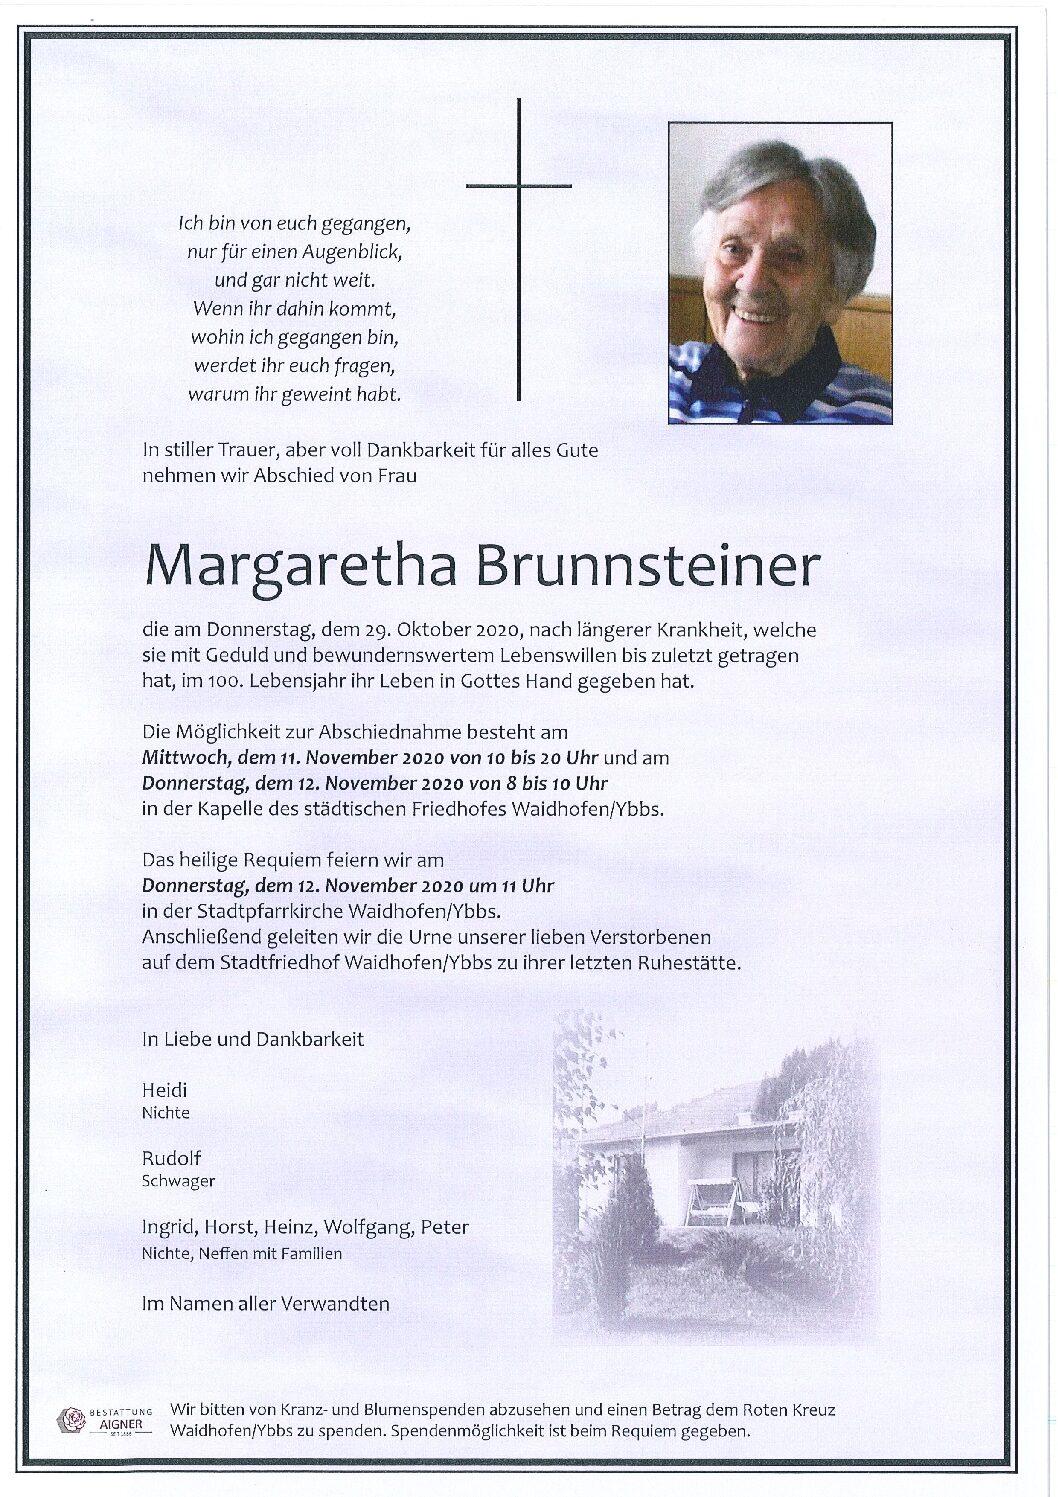 Margaretha Brunnsteiner